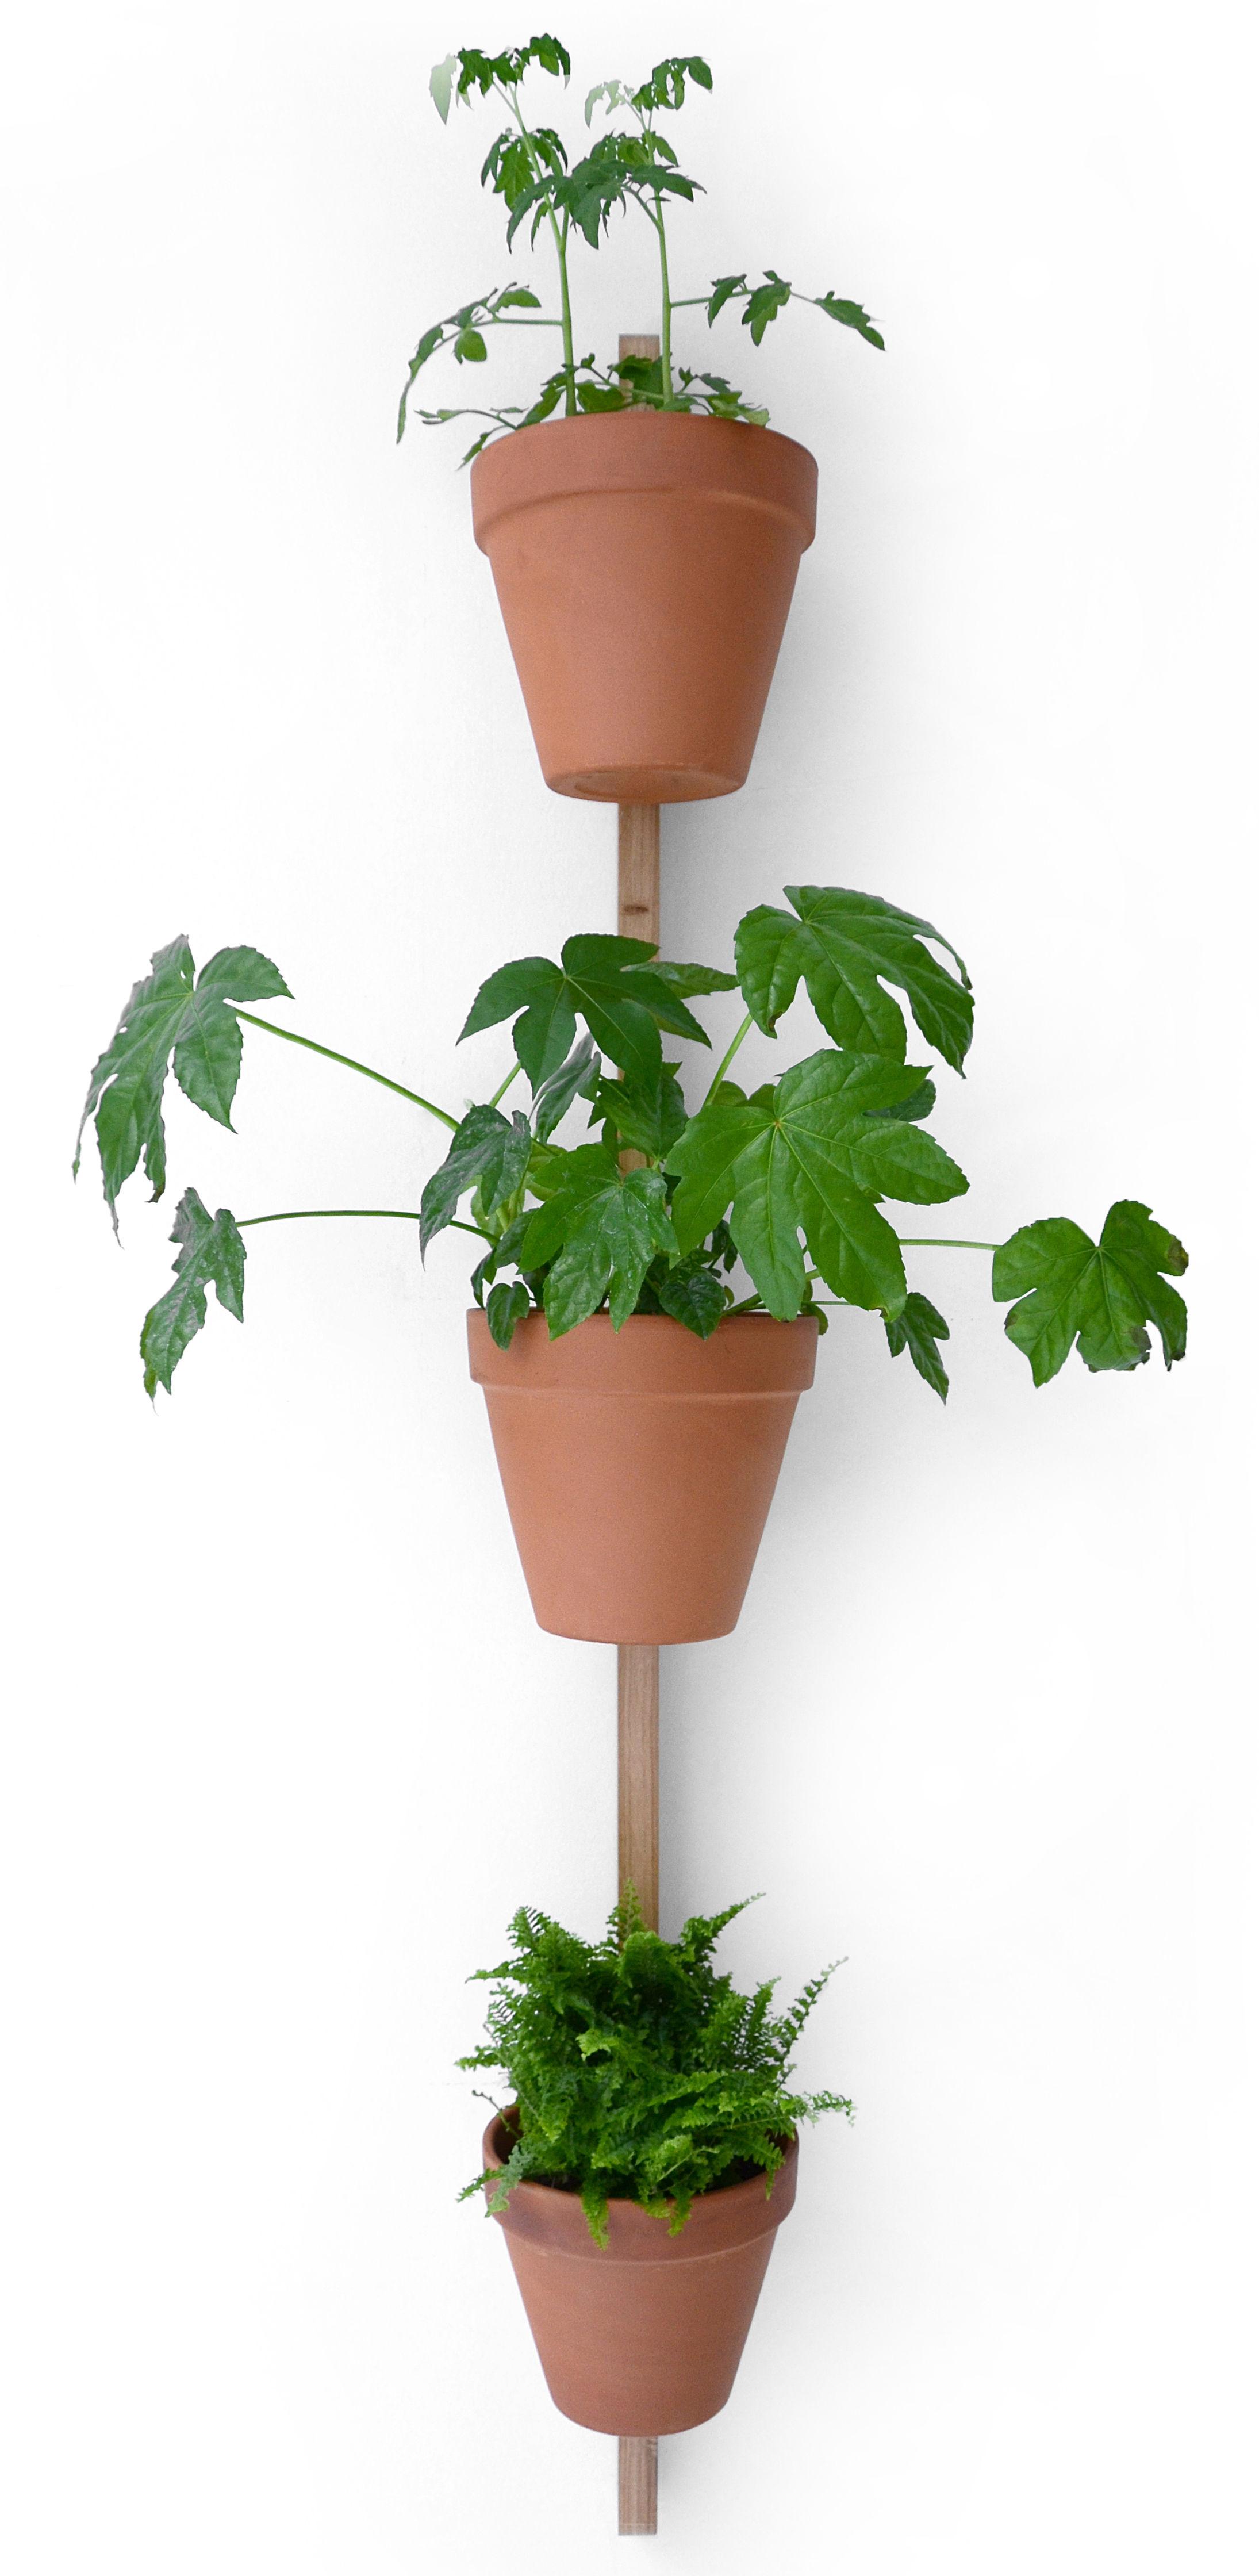 Interni - Vasi e Piante - Supporto murale XPOT - / Per 3 vasi di fiori  - H 150 cm di Compagnie - Legno chiaro - Rovere massello